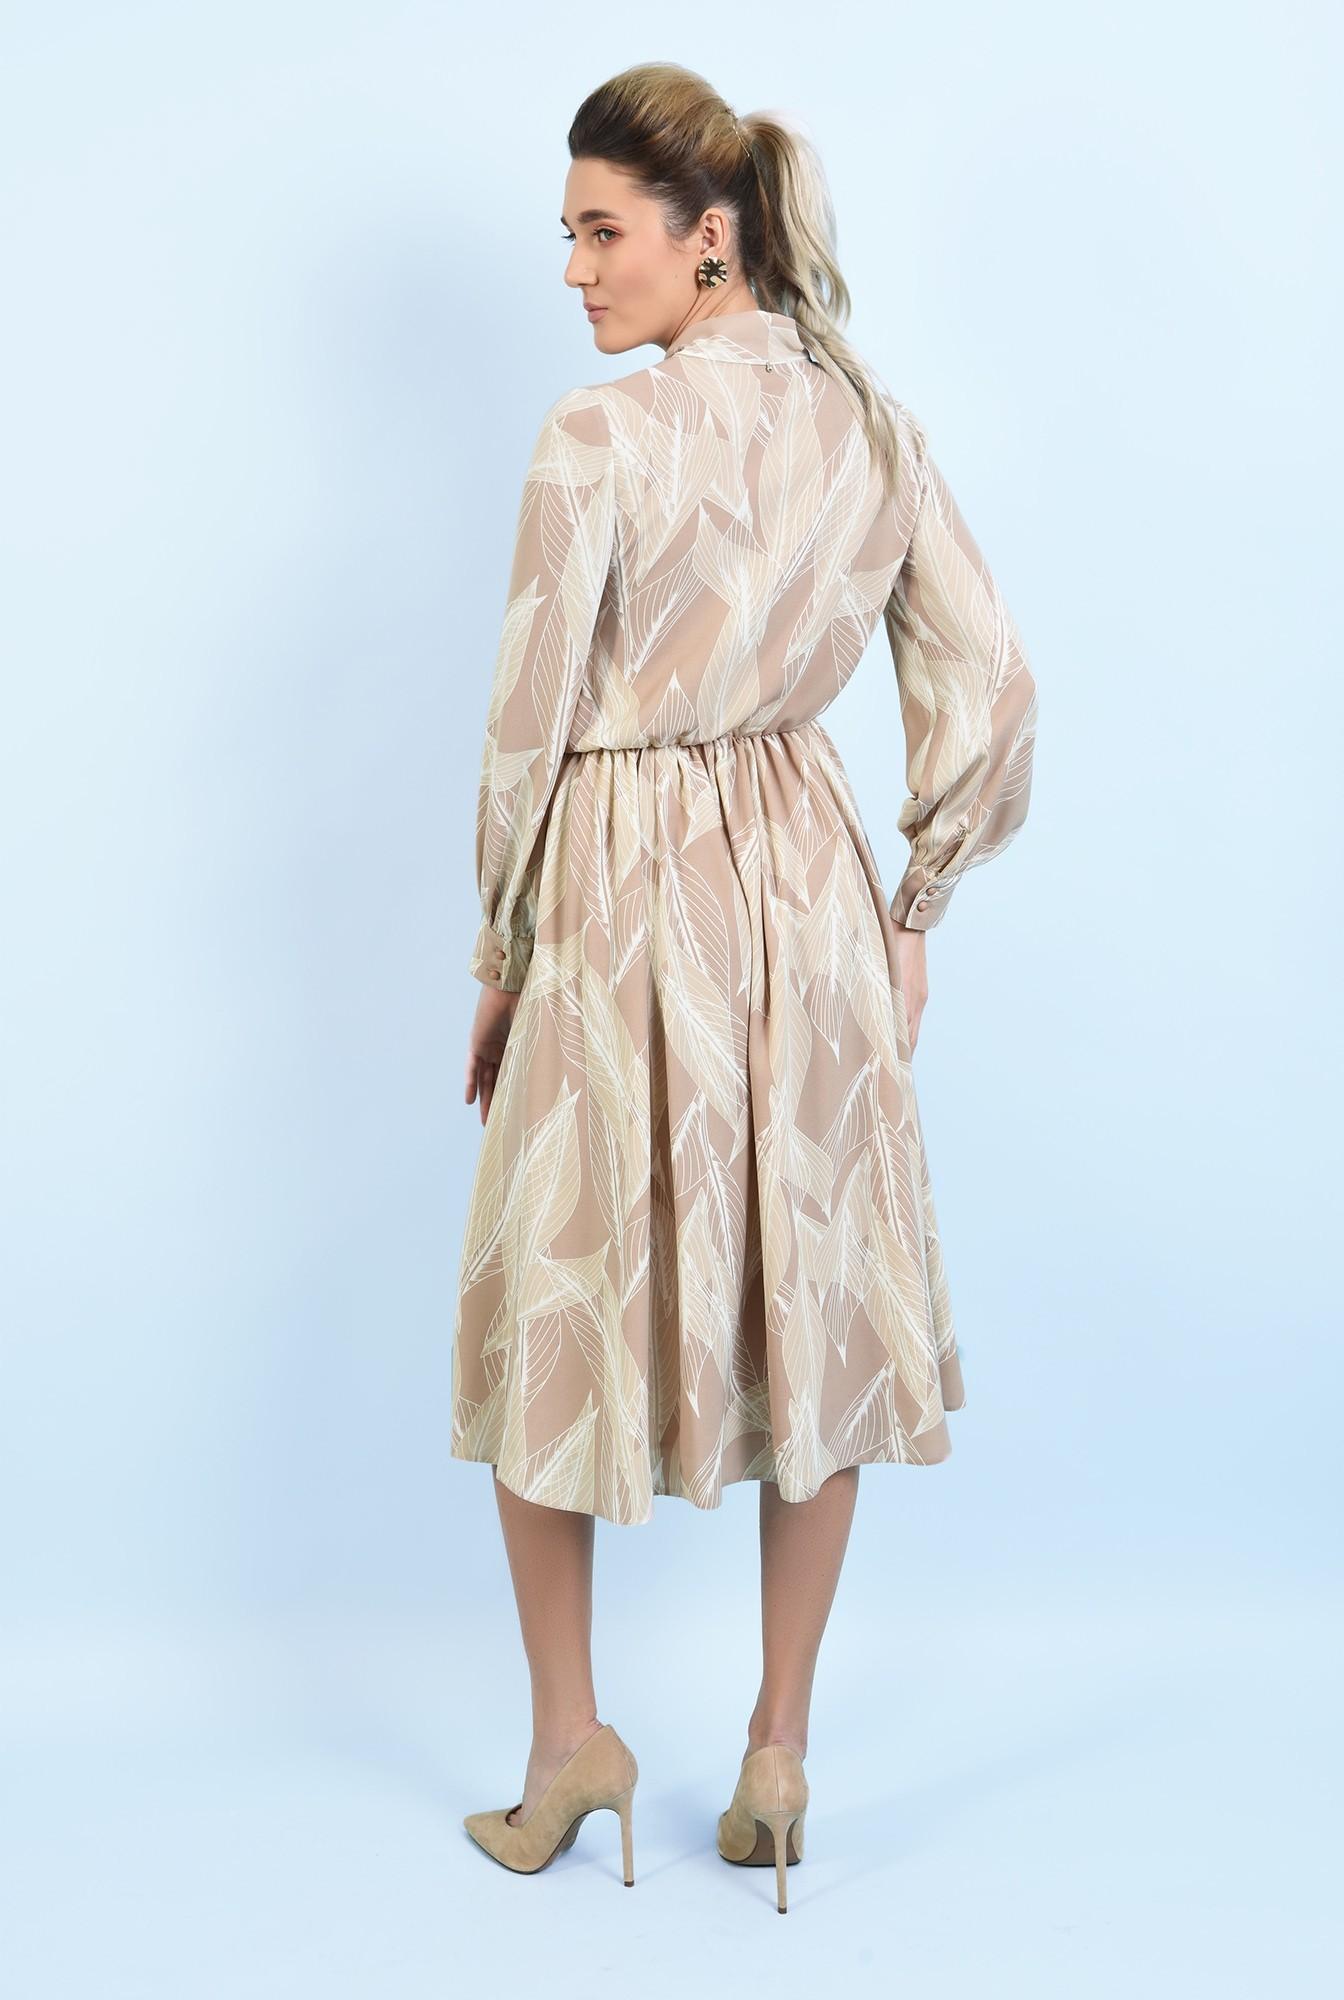 1 - 360 - rochie midi, clos, cu imprimeu, funda, rochie de primavara